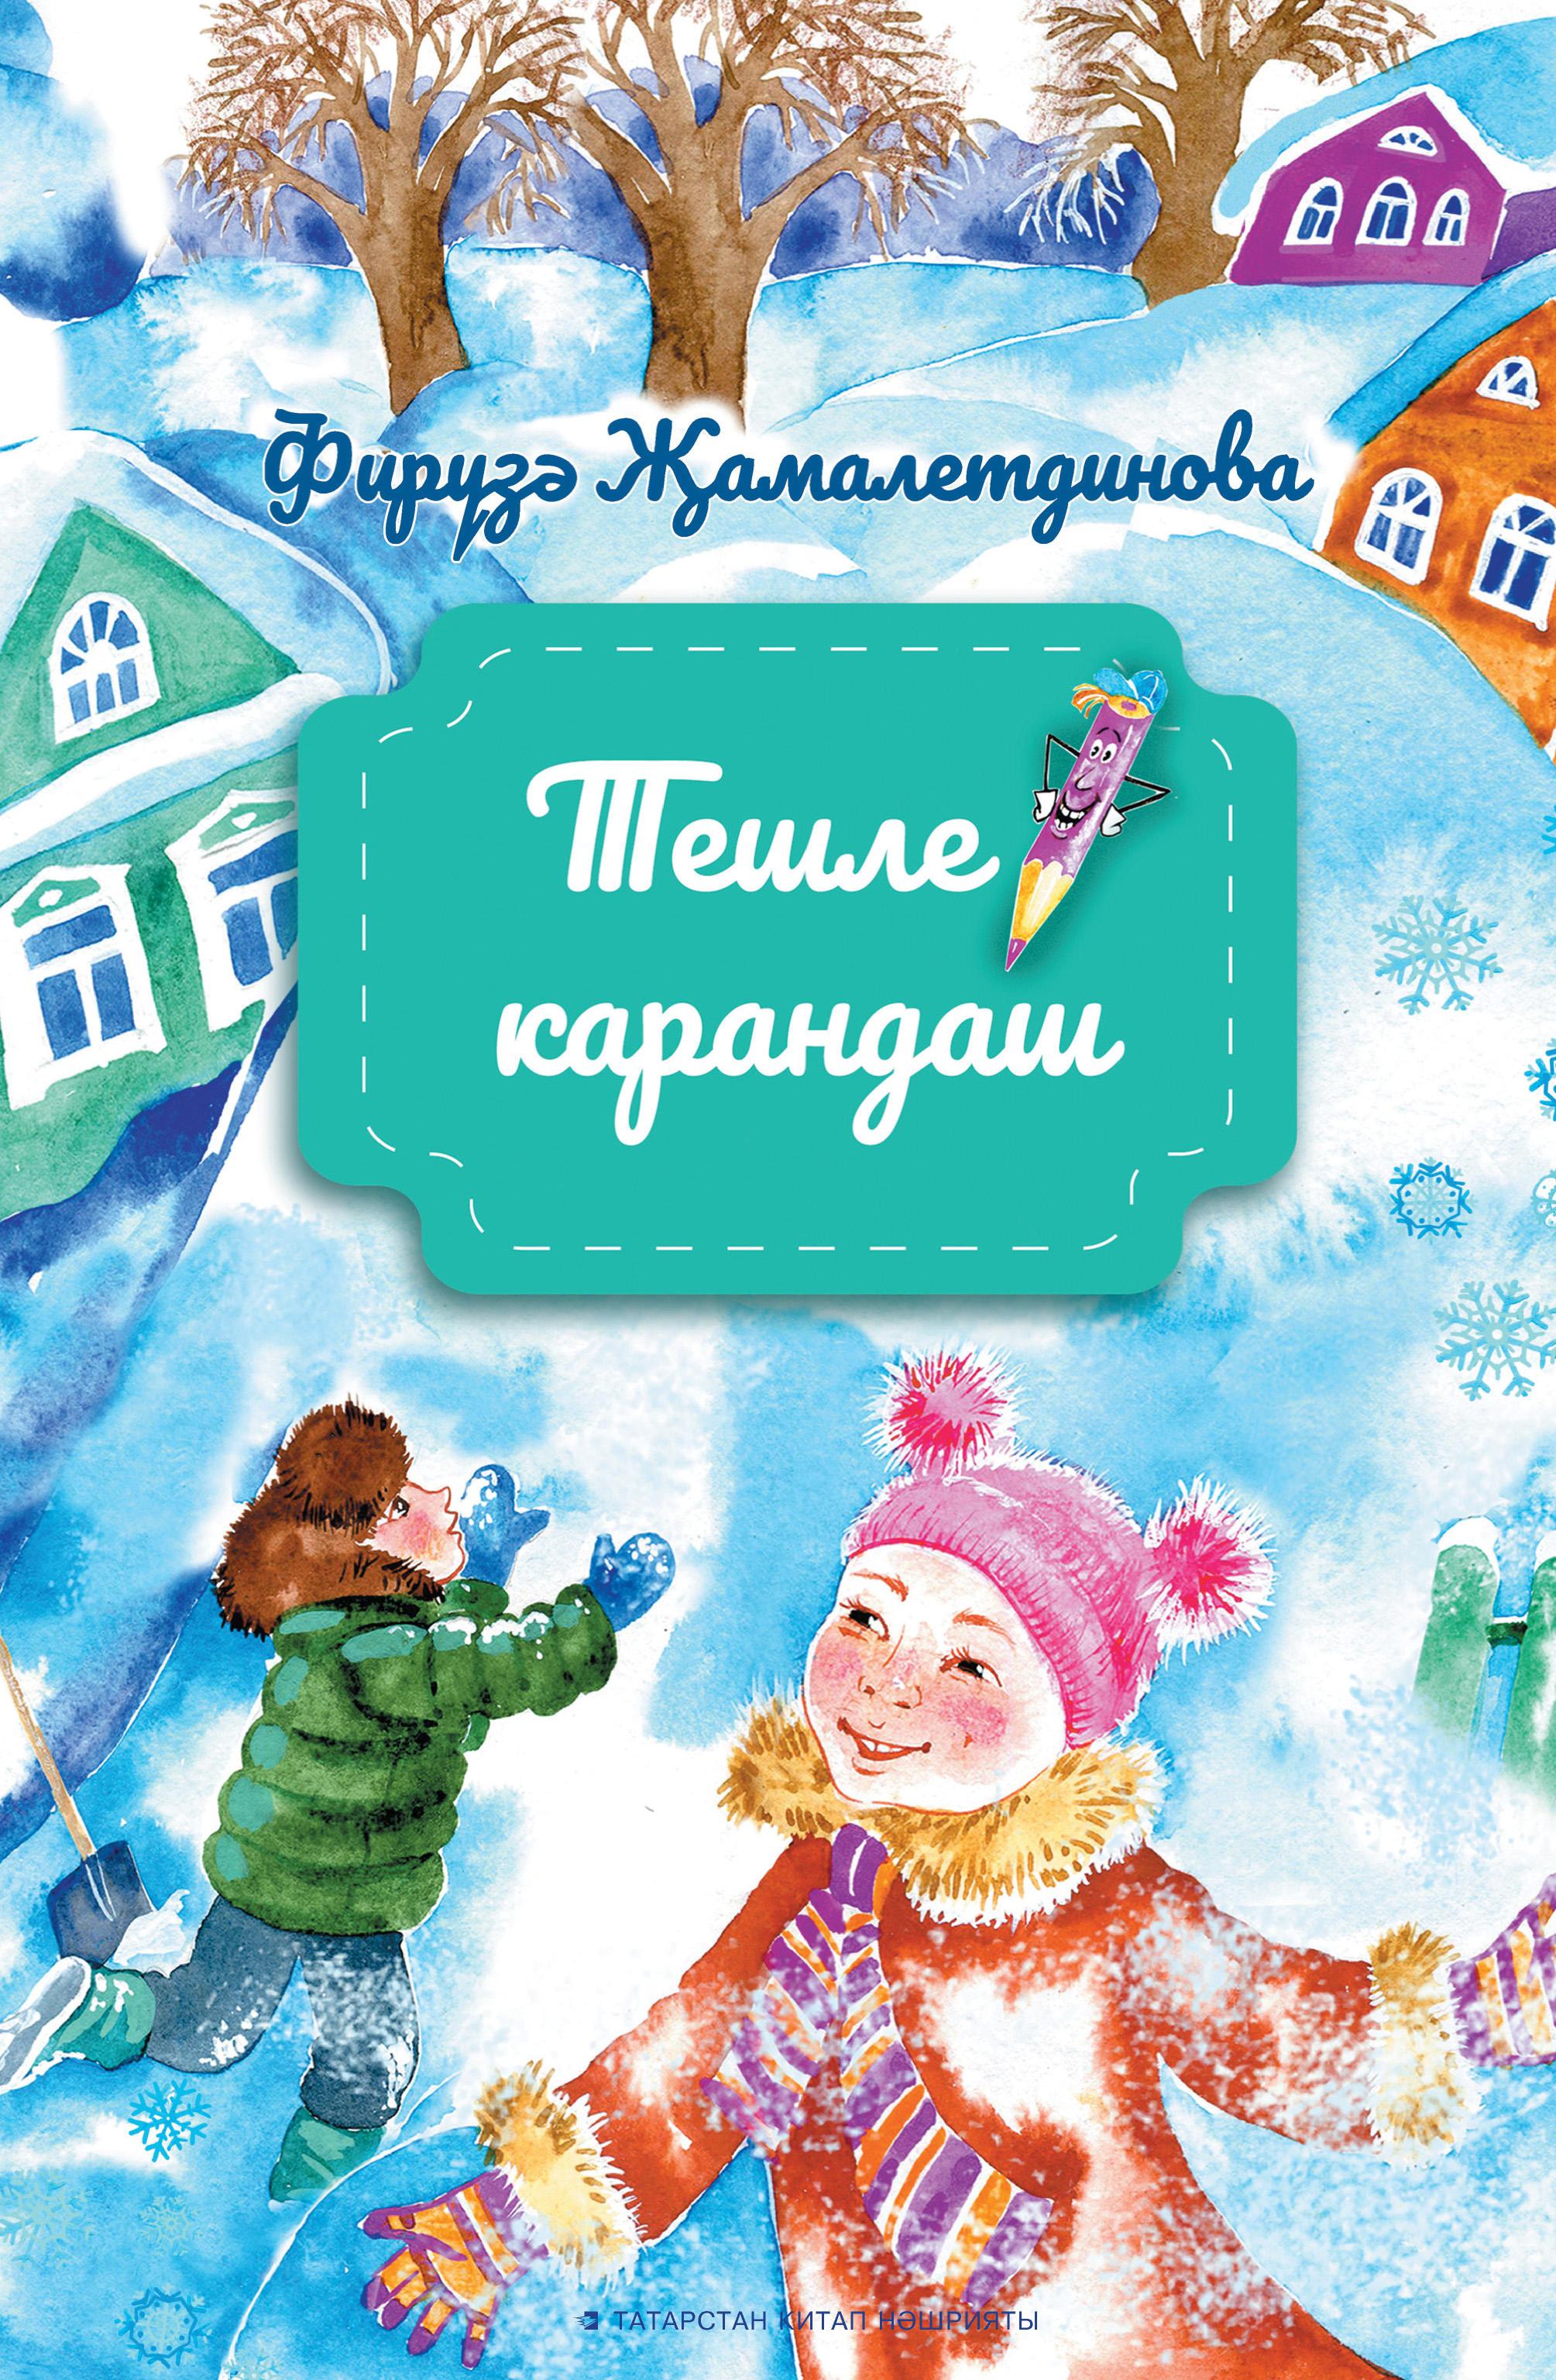 Купить книгу Тешле карандаш, автора Фирузи Замалетдиновой